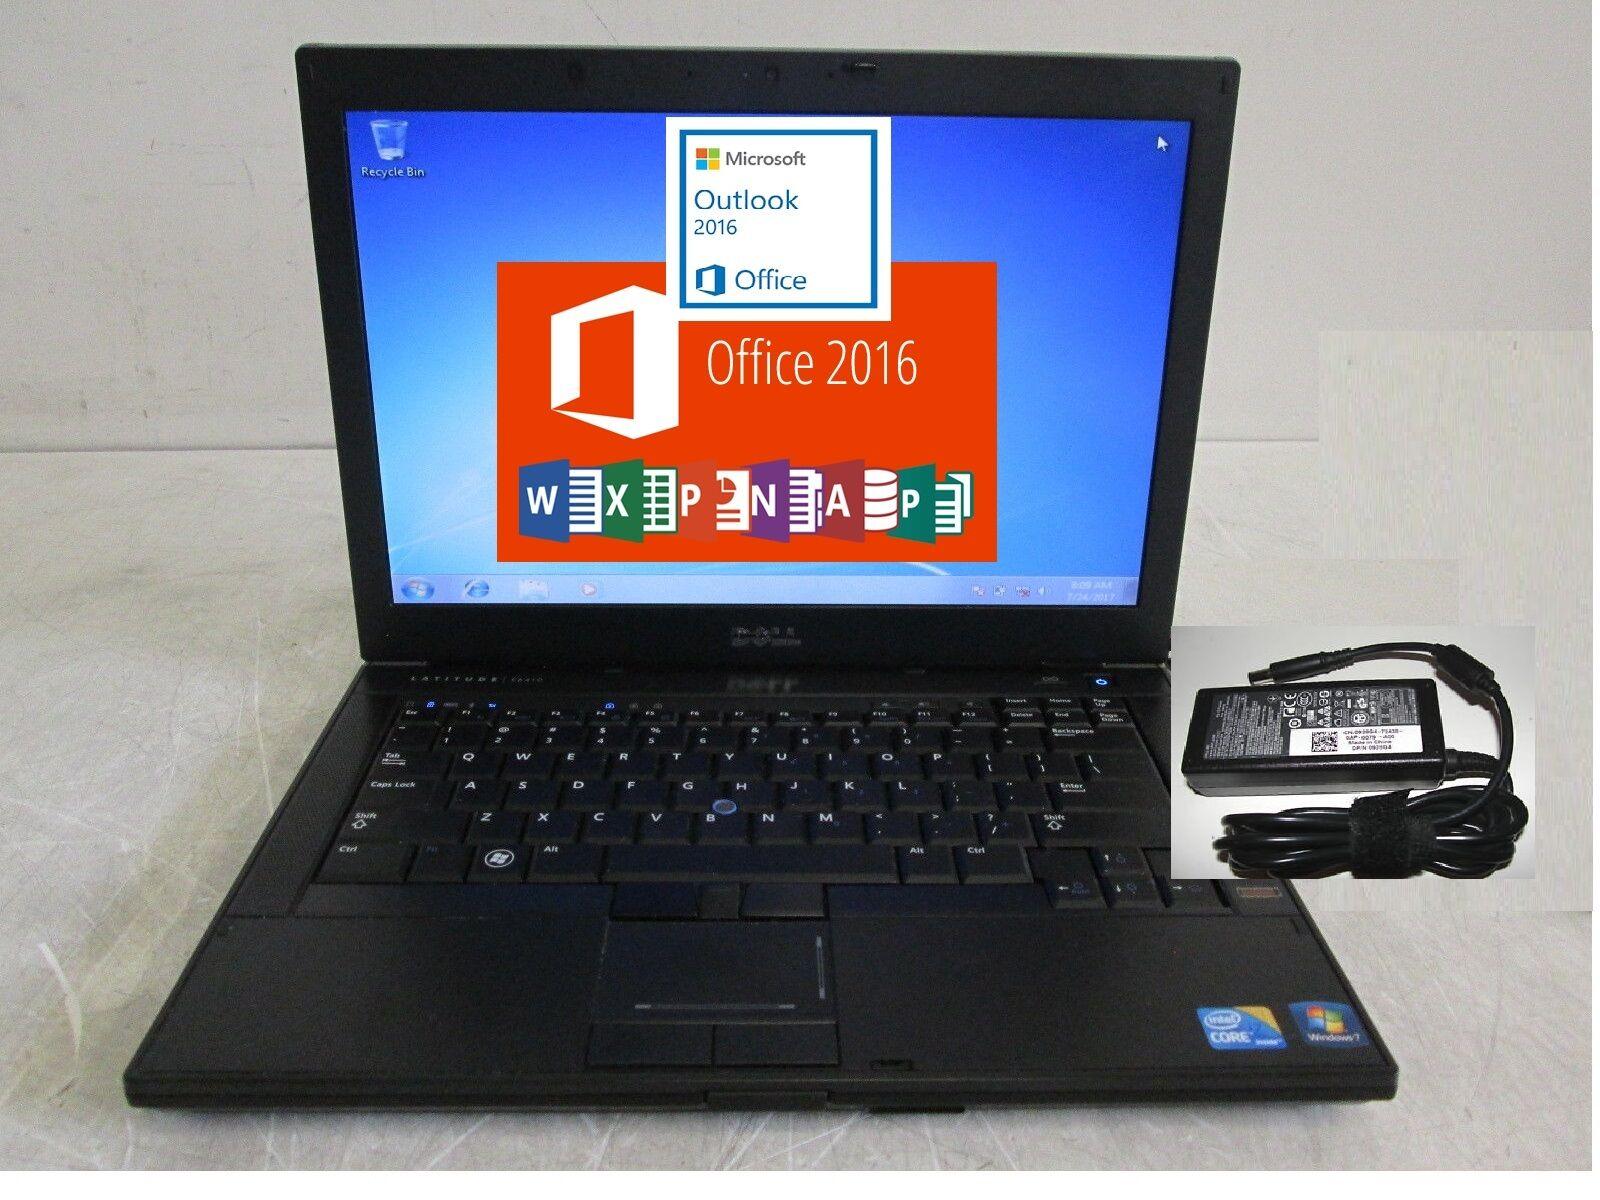 Dell Latitude E6410 Laptop. Intel Core i5 M520 2.67GHz  word 2016 suite, Win 7